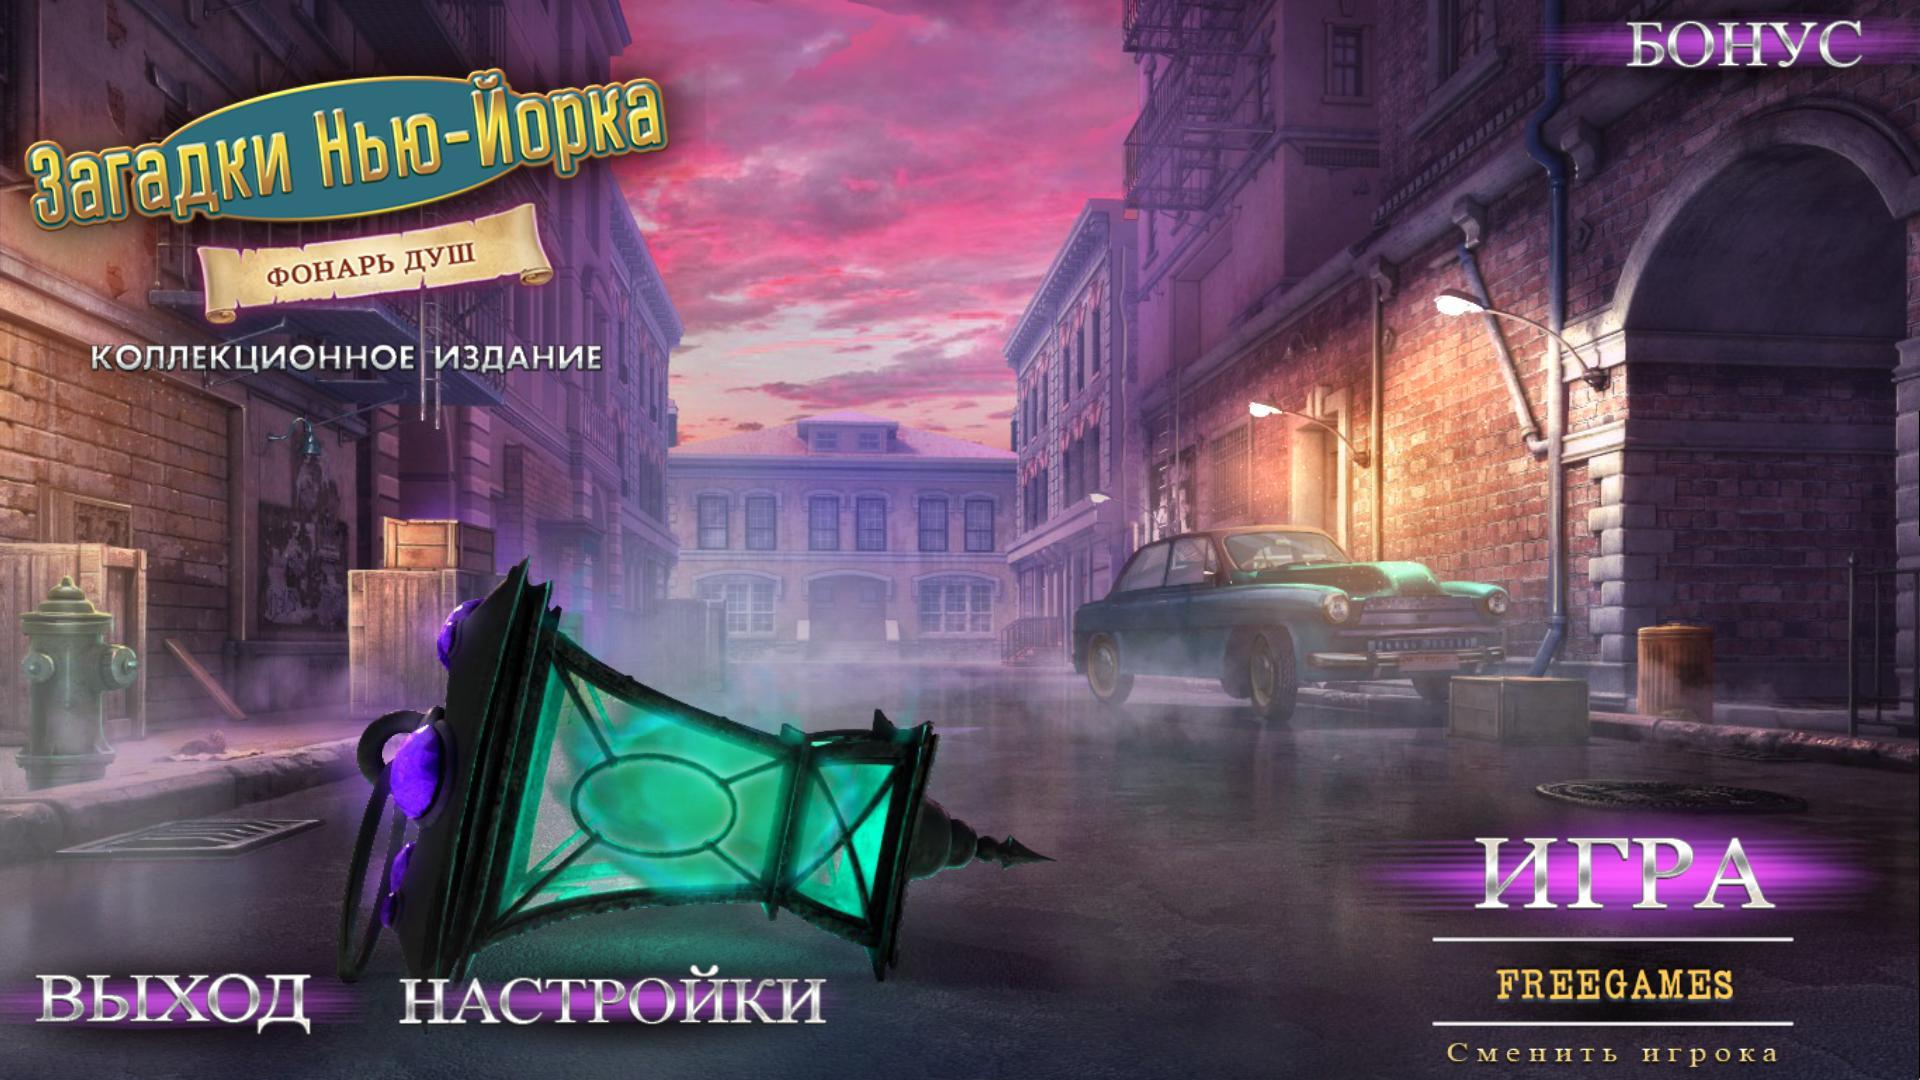 Загадки Нью-Йорка 3. Фонарь душ. Коллекционное издание | New York Mysteries 3: The Lantern of Souls CE (Rus)